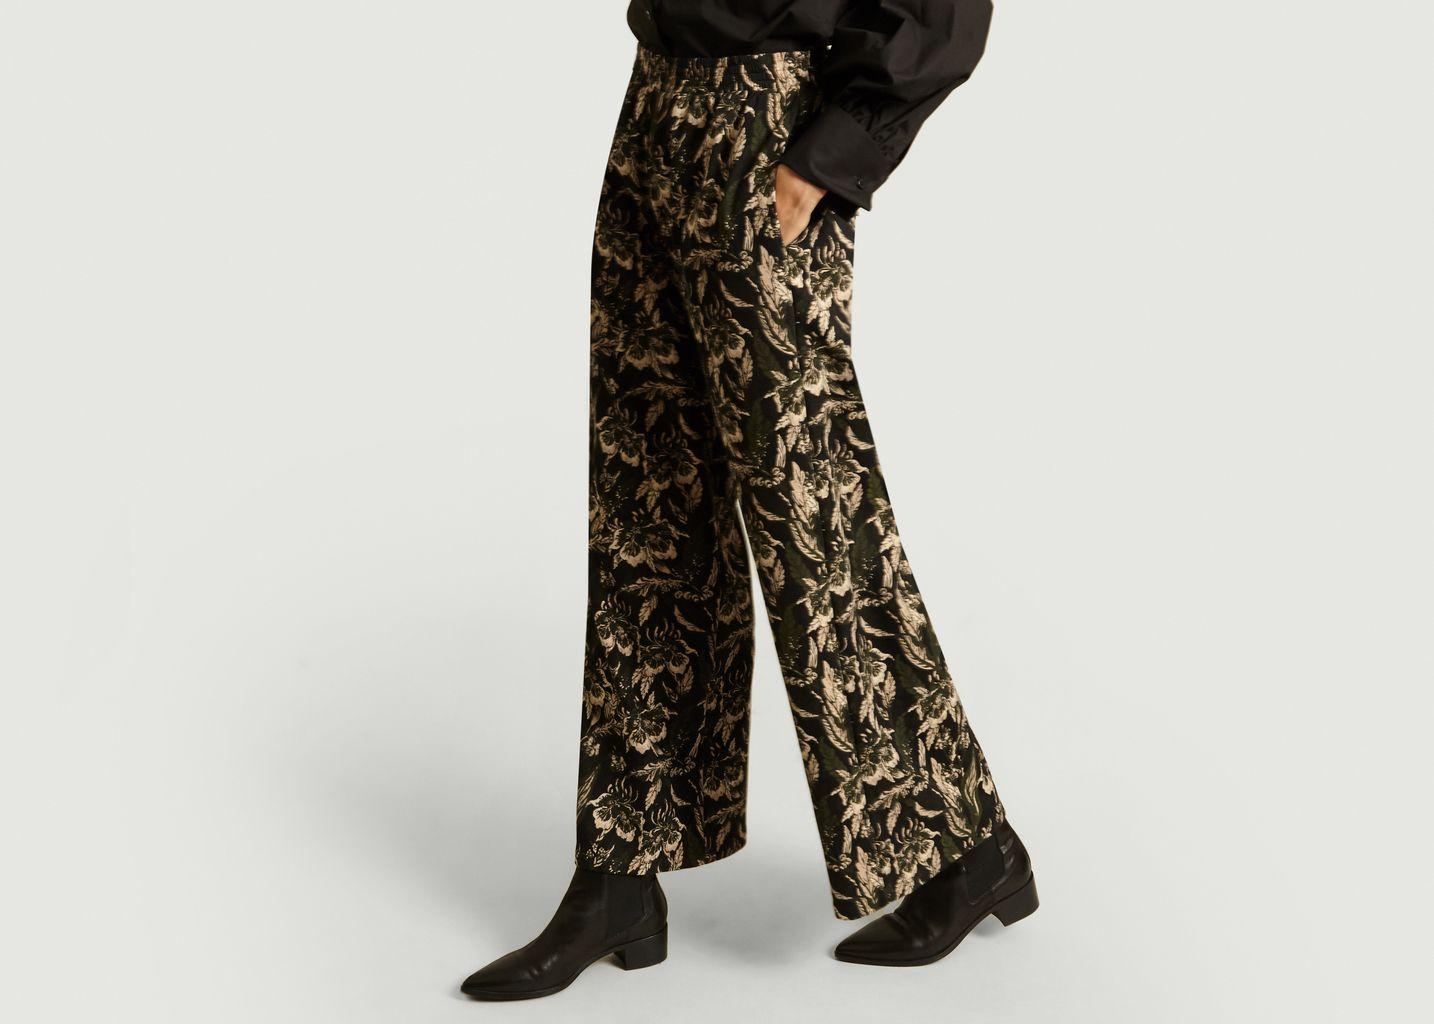 Pantalon Jacquard Fleurs - MM6